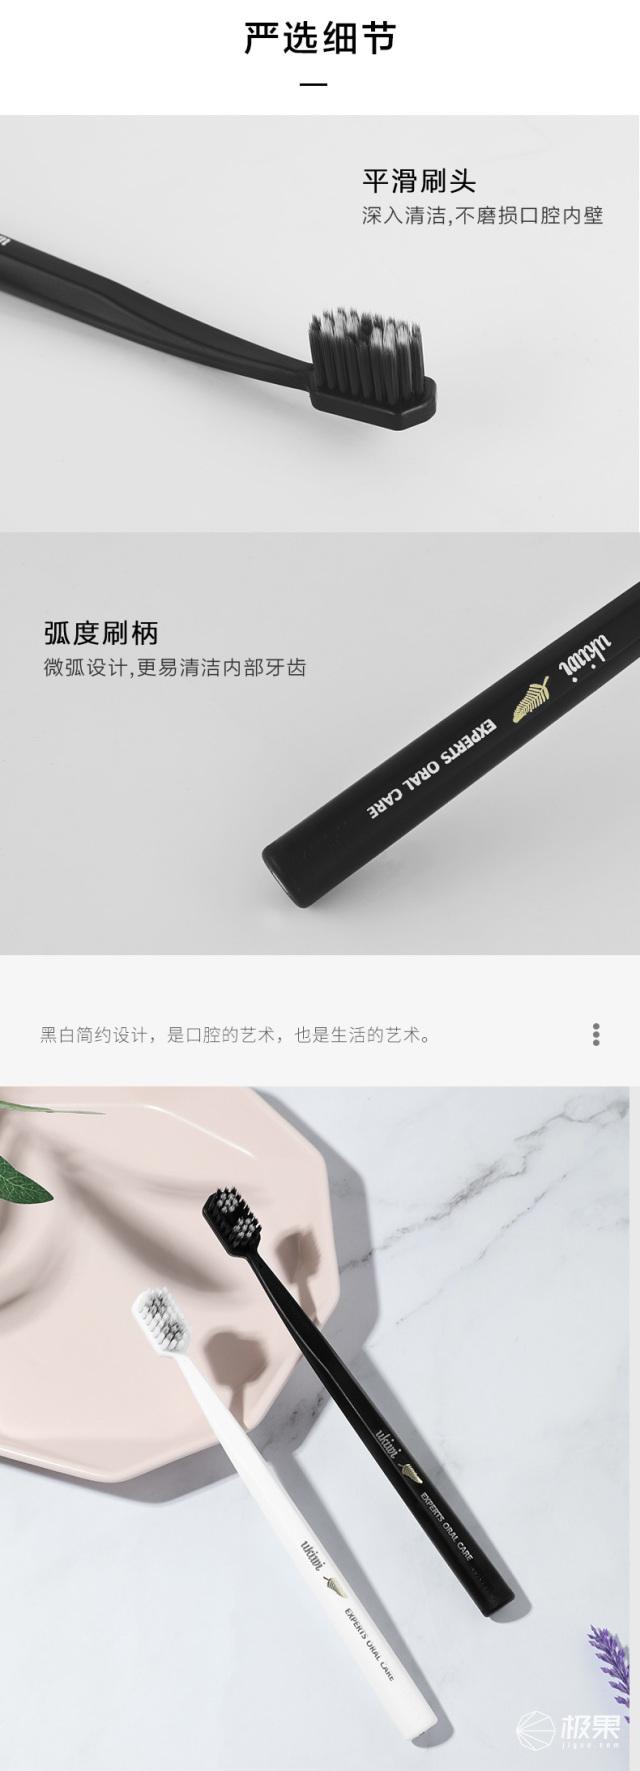 纽西小精灵(ukiwi)S/N磁力牙刷